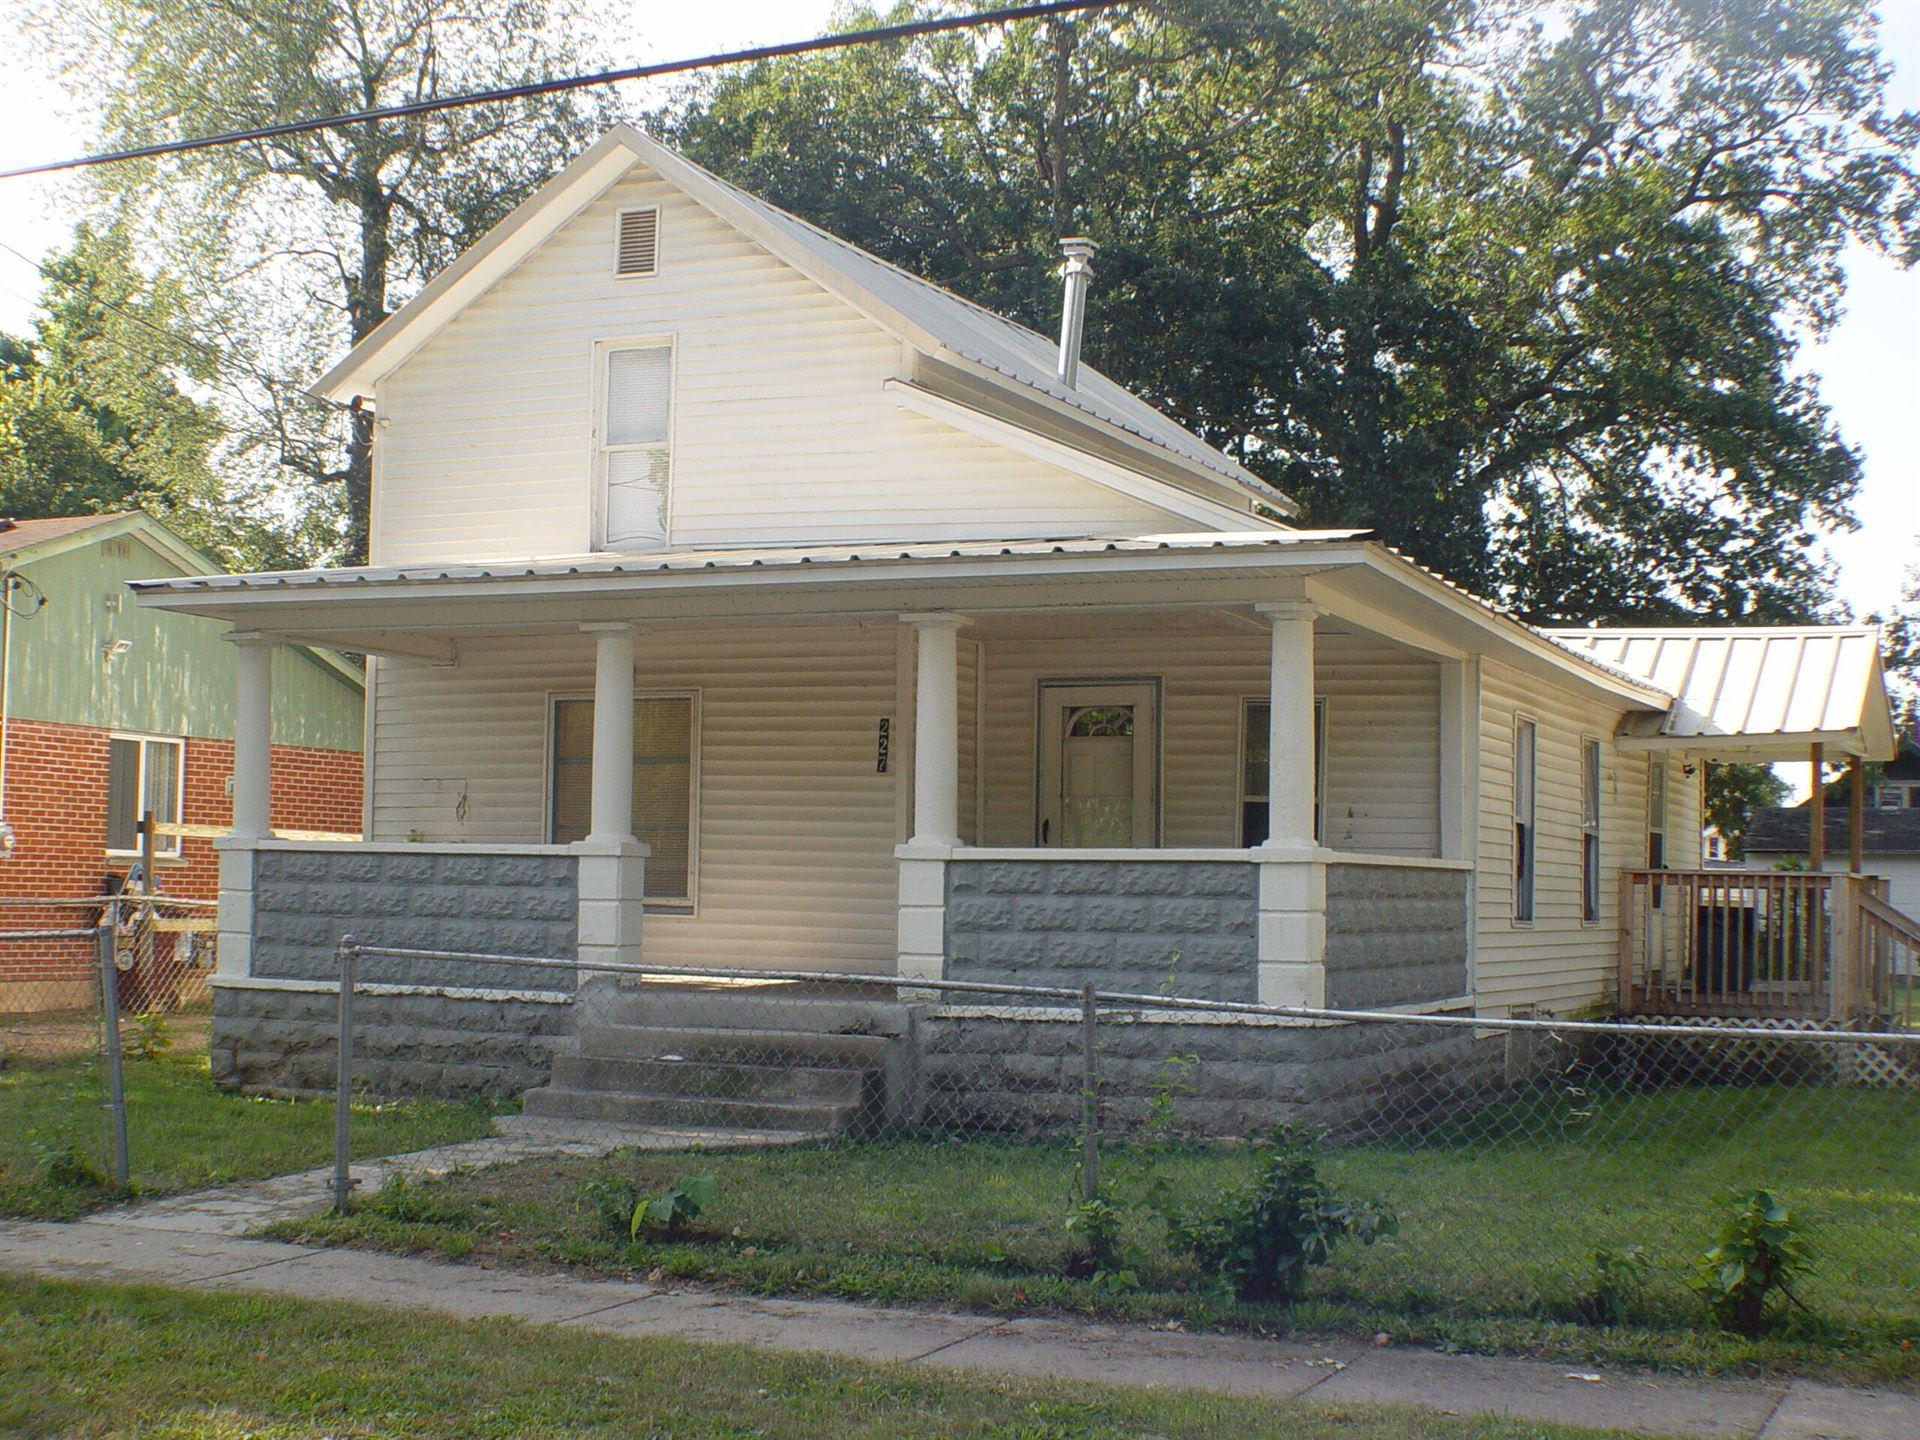 227 Graves Street, Battle Creek, MI 49037 - MLS#: 21107926